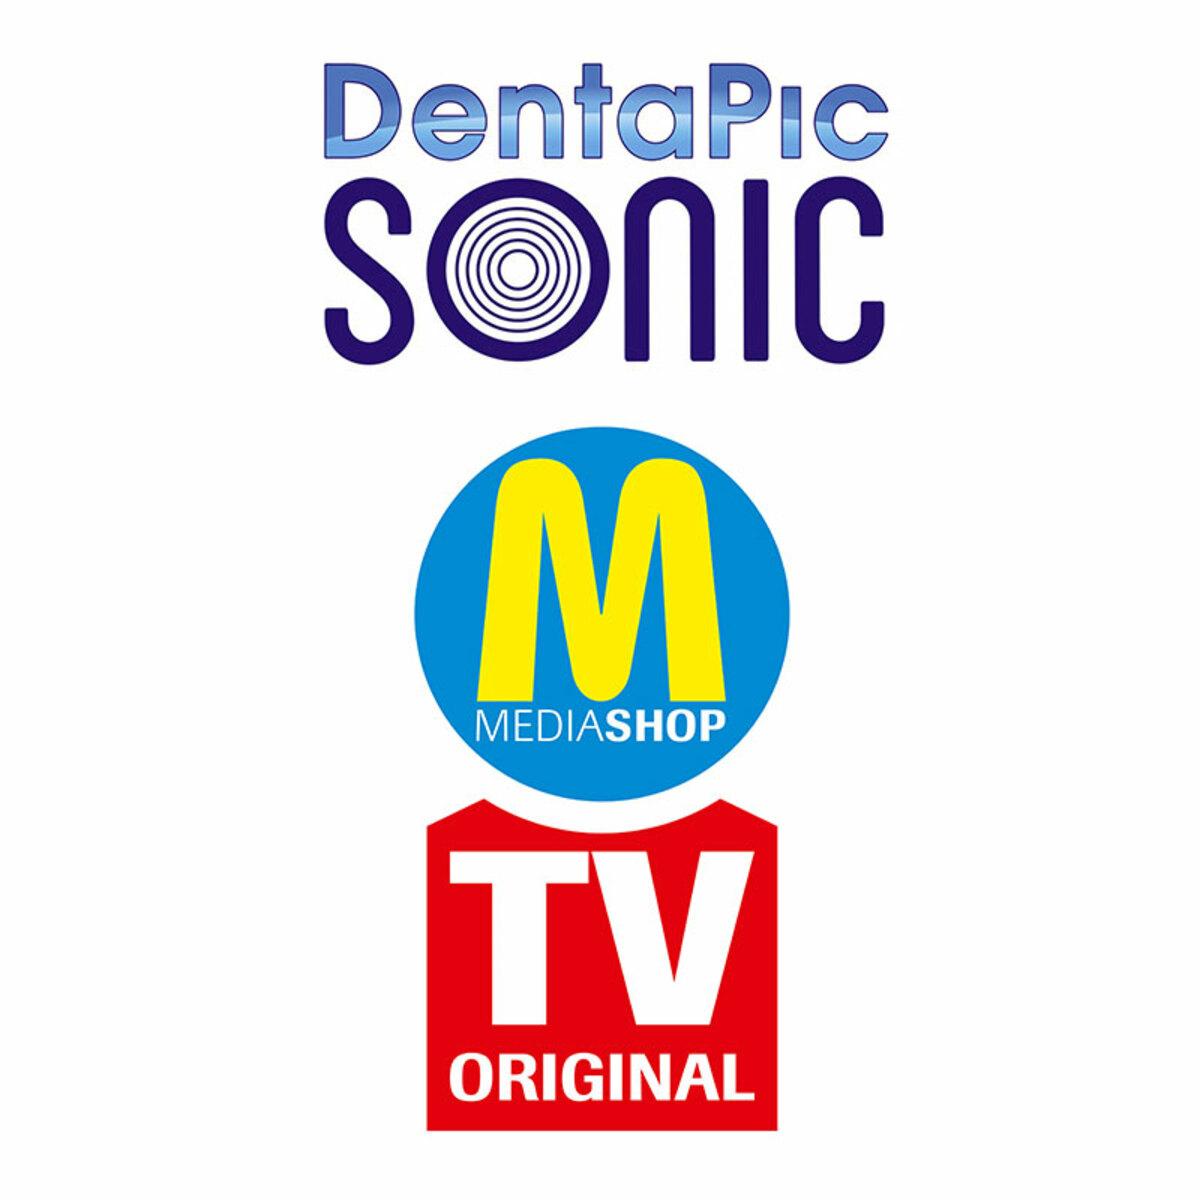 Bild 5 von Denta Pic Sonic Zahnreinigungssystem